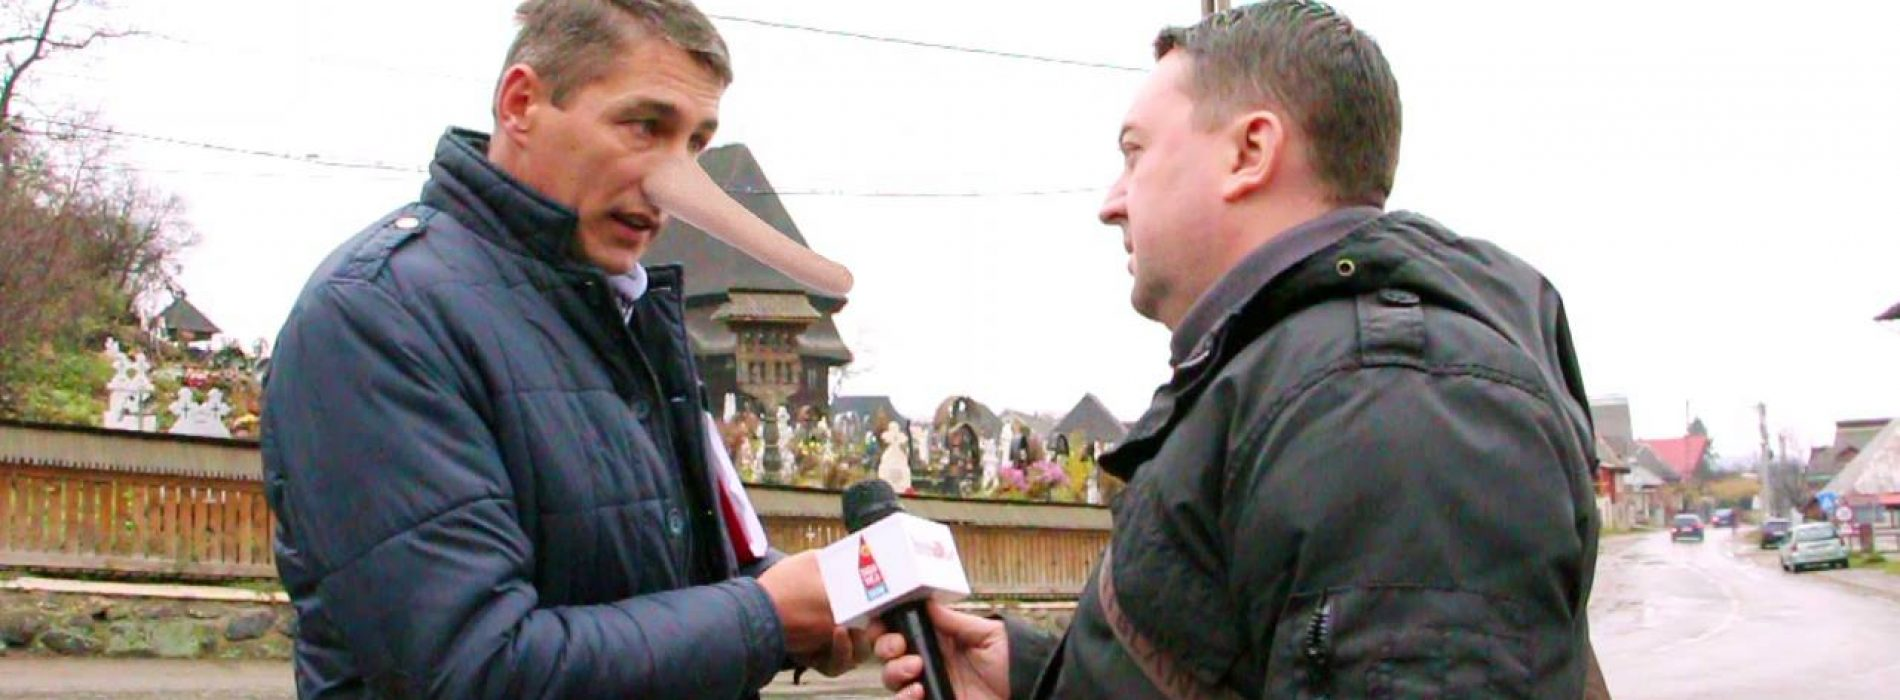 PINOCCHIO de Budești REVINE în forță! A MINȚIT și la BISERICĂ. Continuă bătaia de joc față de budeșteni